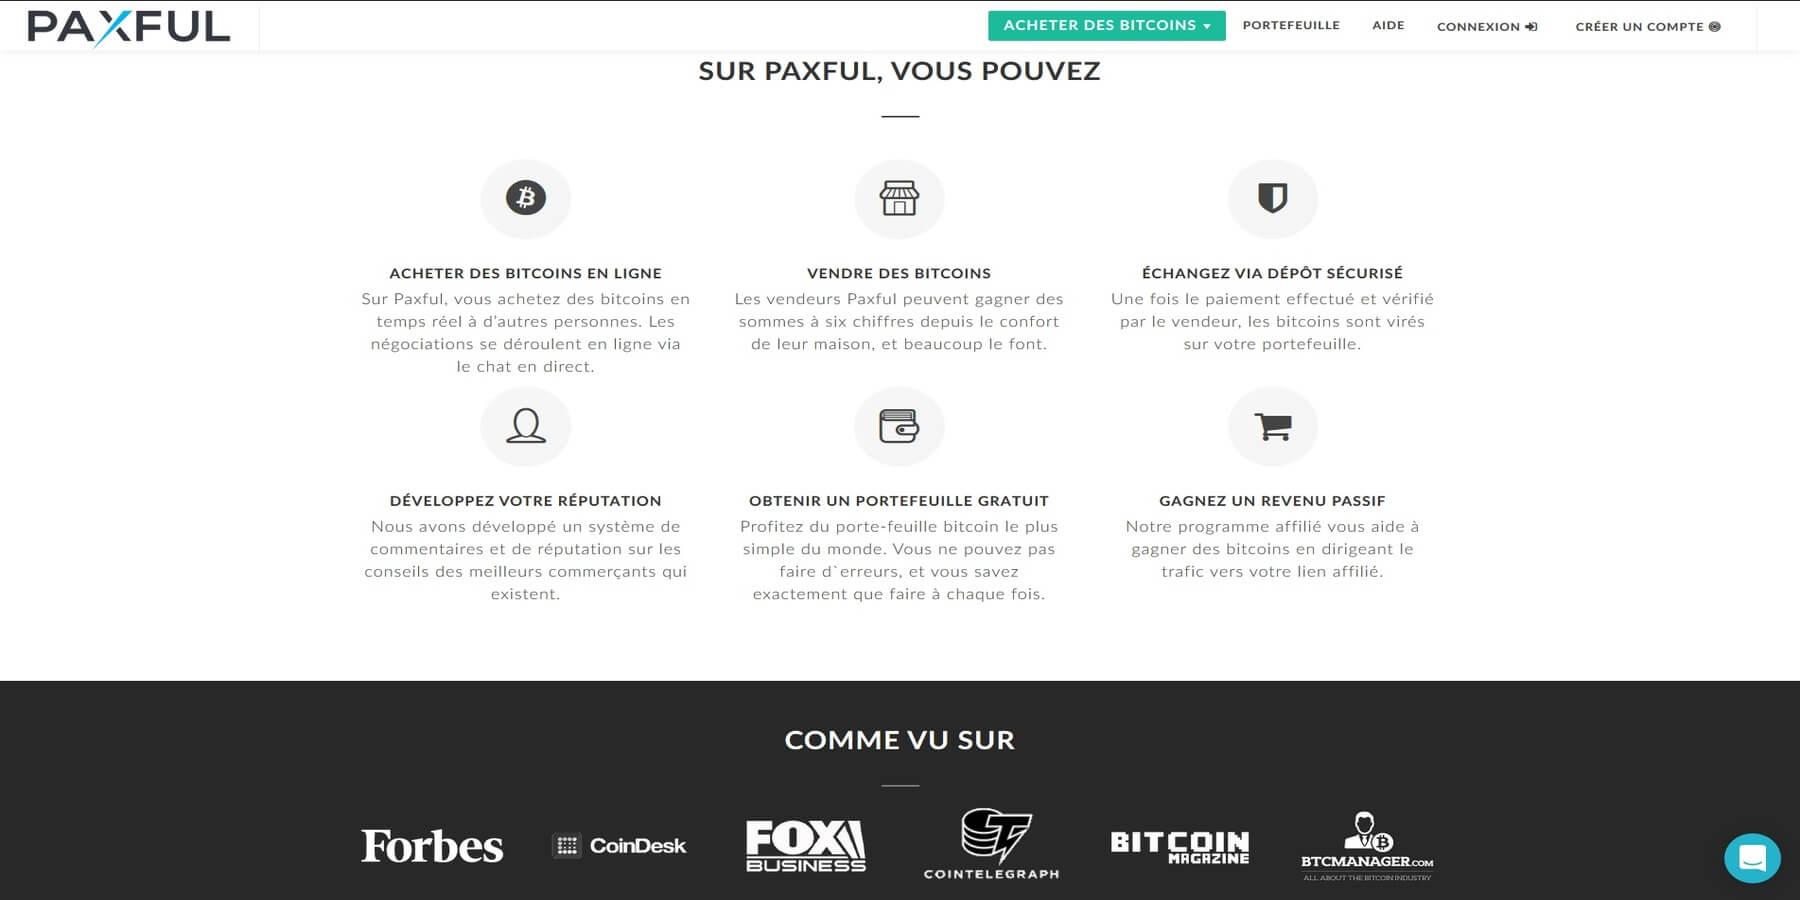 Acheter des Bitcoins chez Paxful